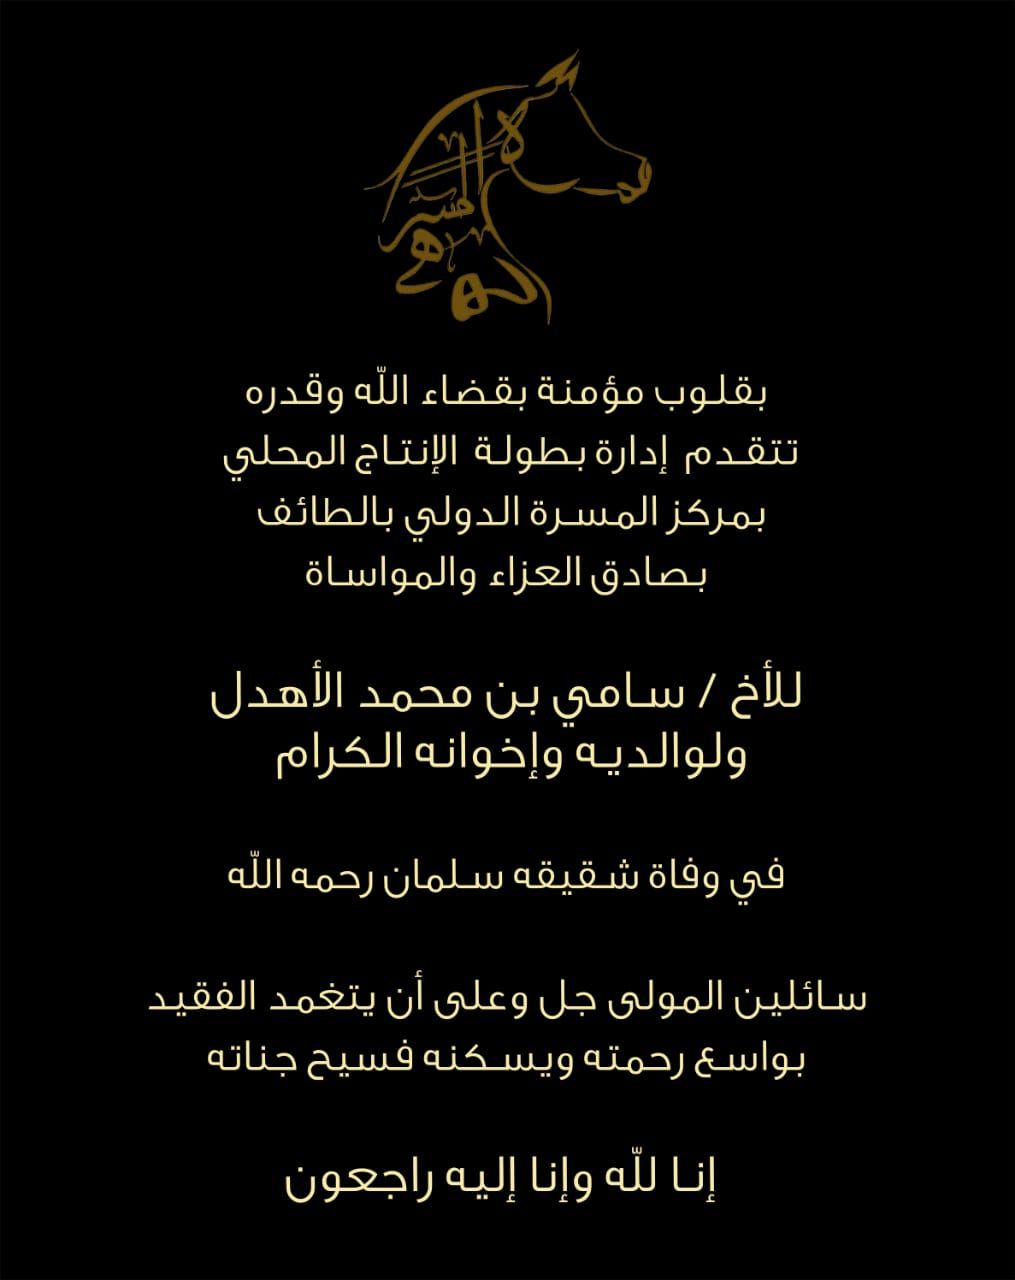 تعزية للأخ سامي بن محمد الأهدل وعائلته في وفاة شقيقه رحمه الله Poster Background Design Background Design Aeg